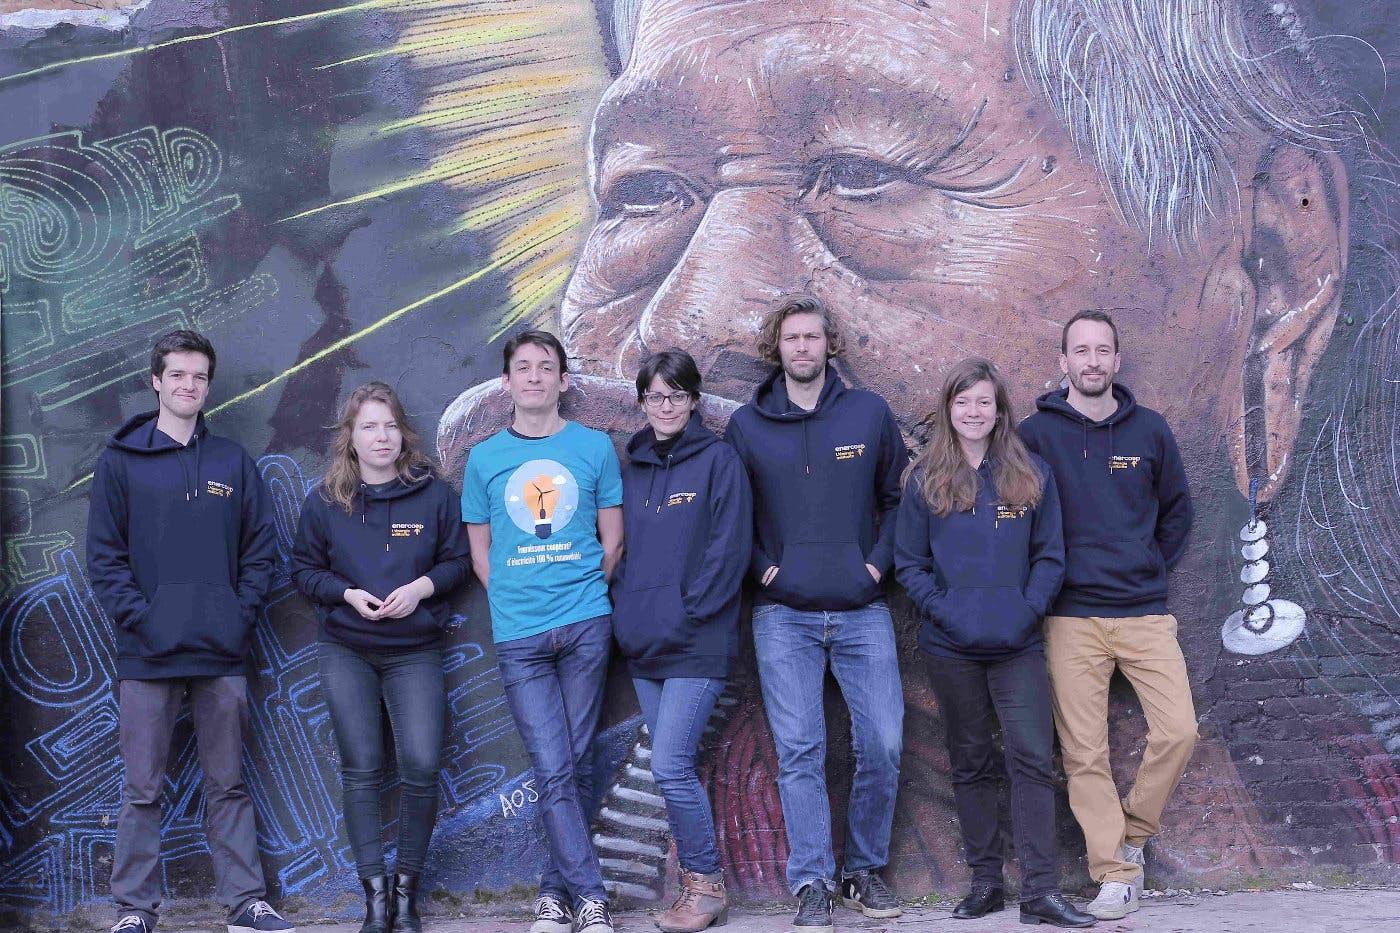 L'équipe salariée d'Enercoop Nouvelle-Aquitaine - janvier 2020